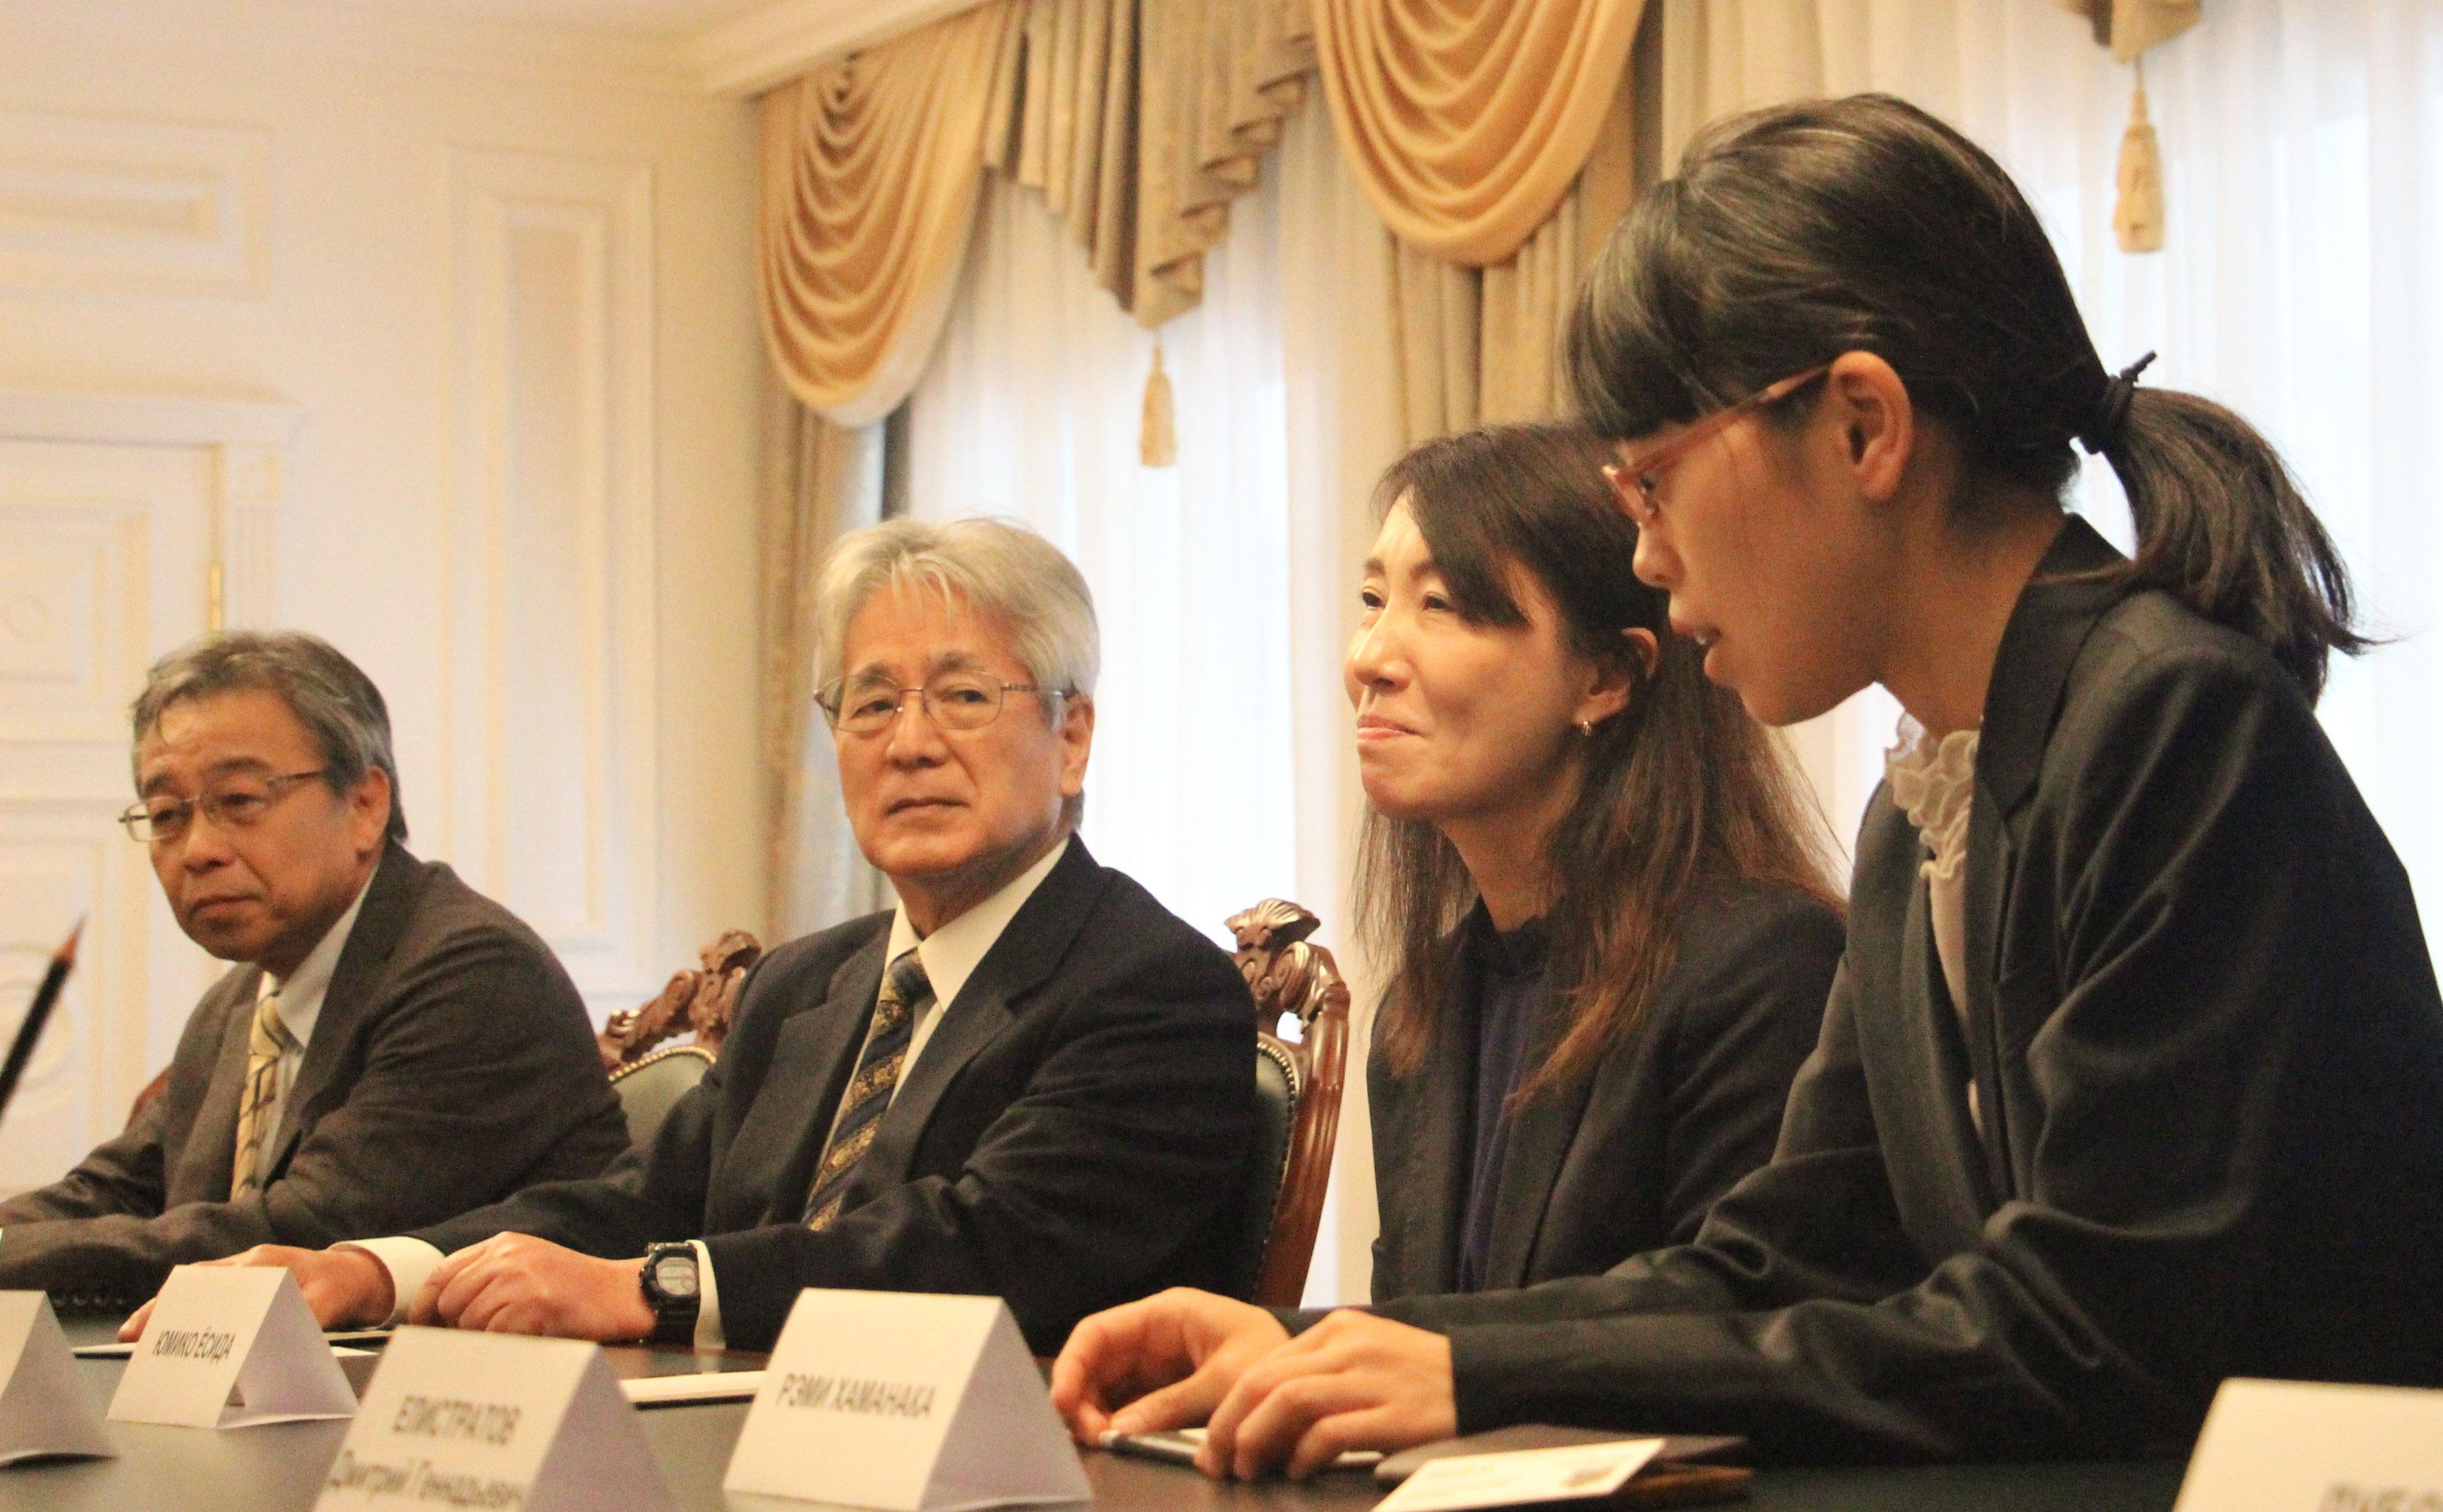 «Искра Индустри Ко., Лтд» ведет переговоры об импорте «Остеомеда» в Японию